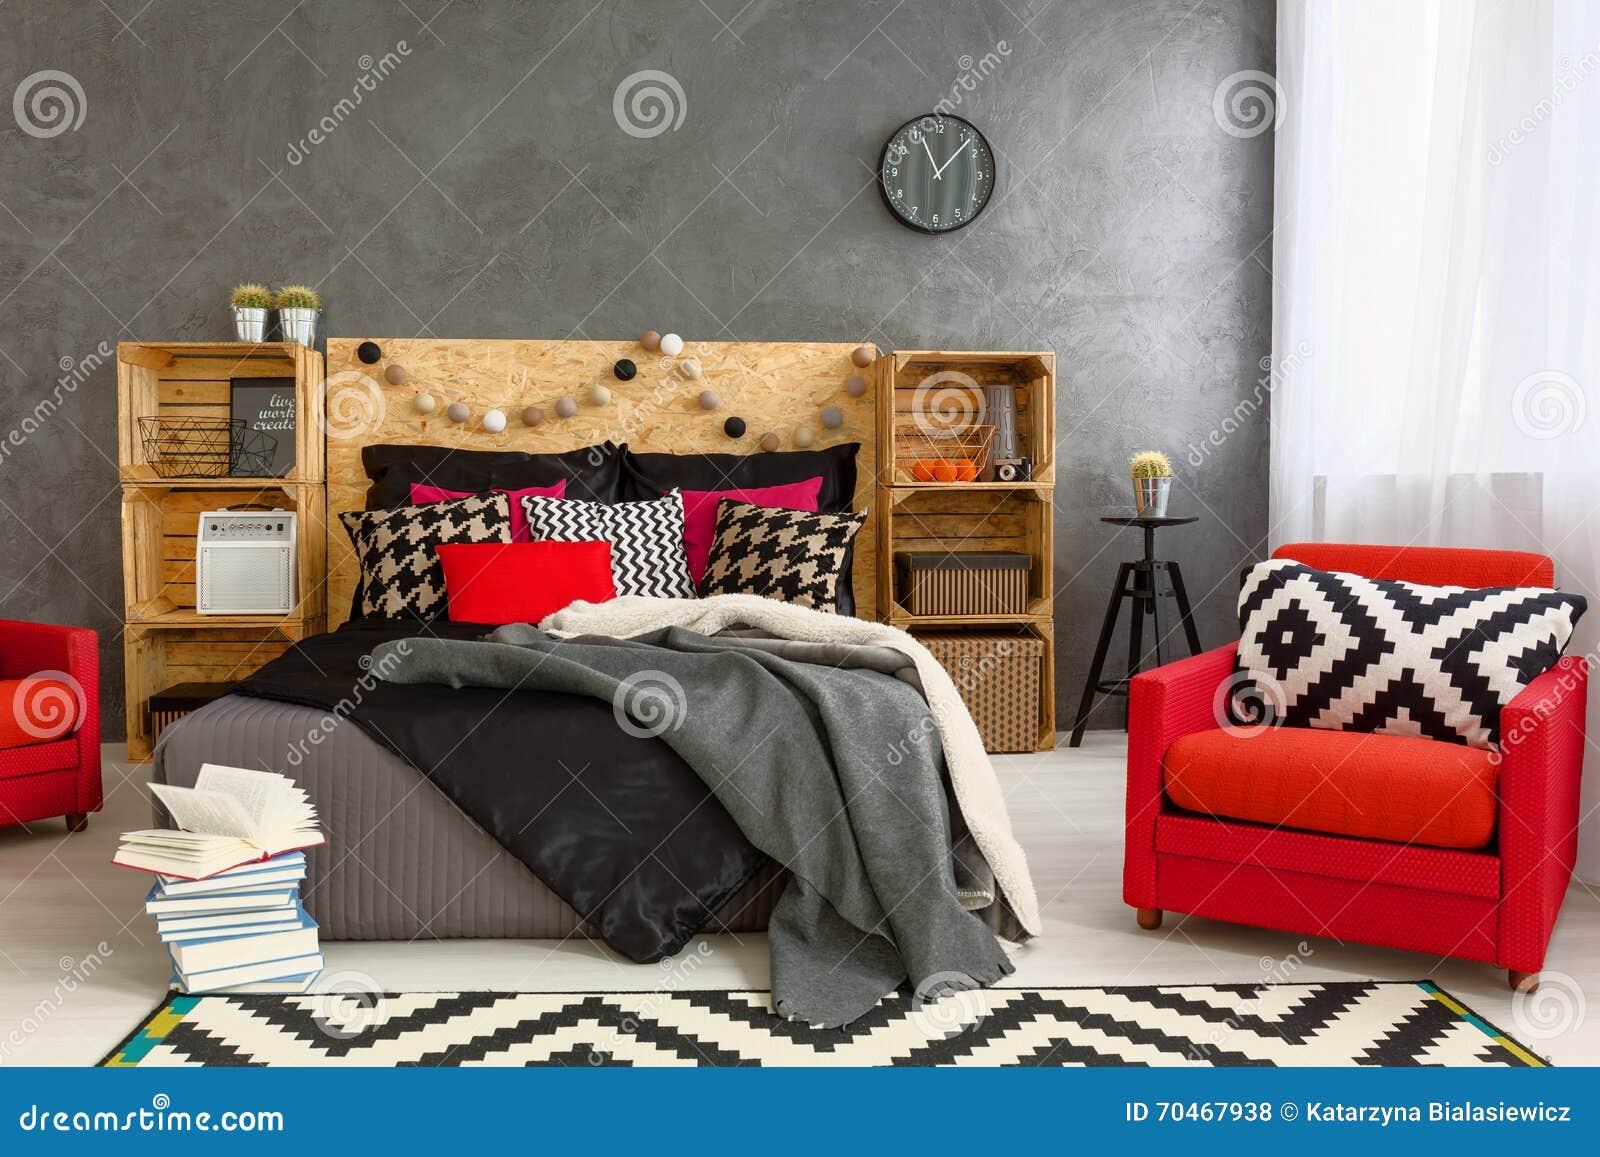 Comfortabele slaapkamer in grijs met mooie huisdecoratie stock